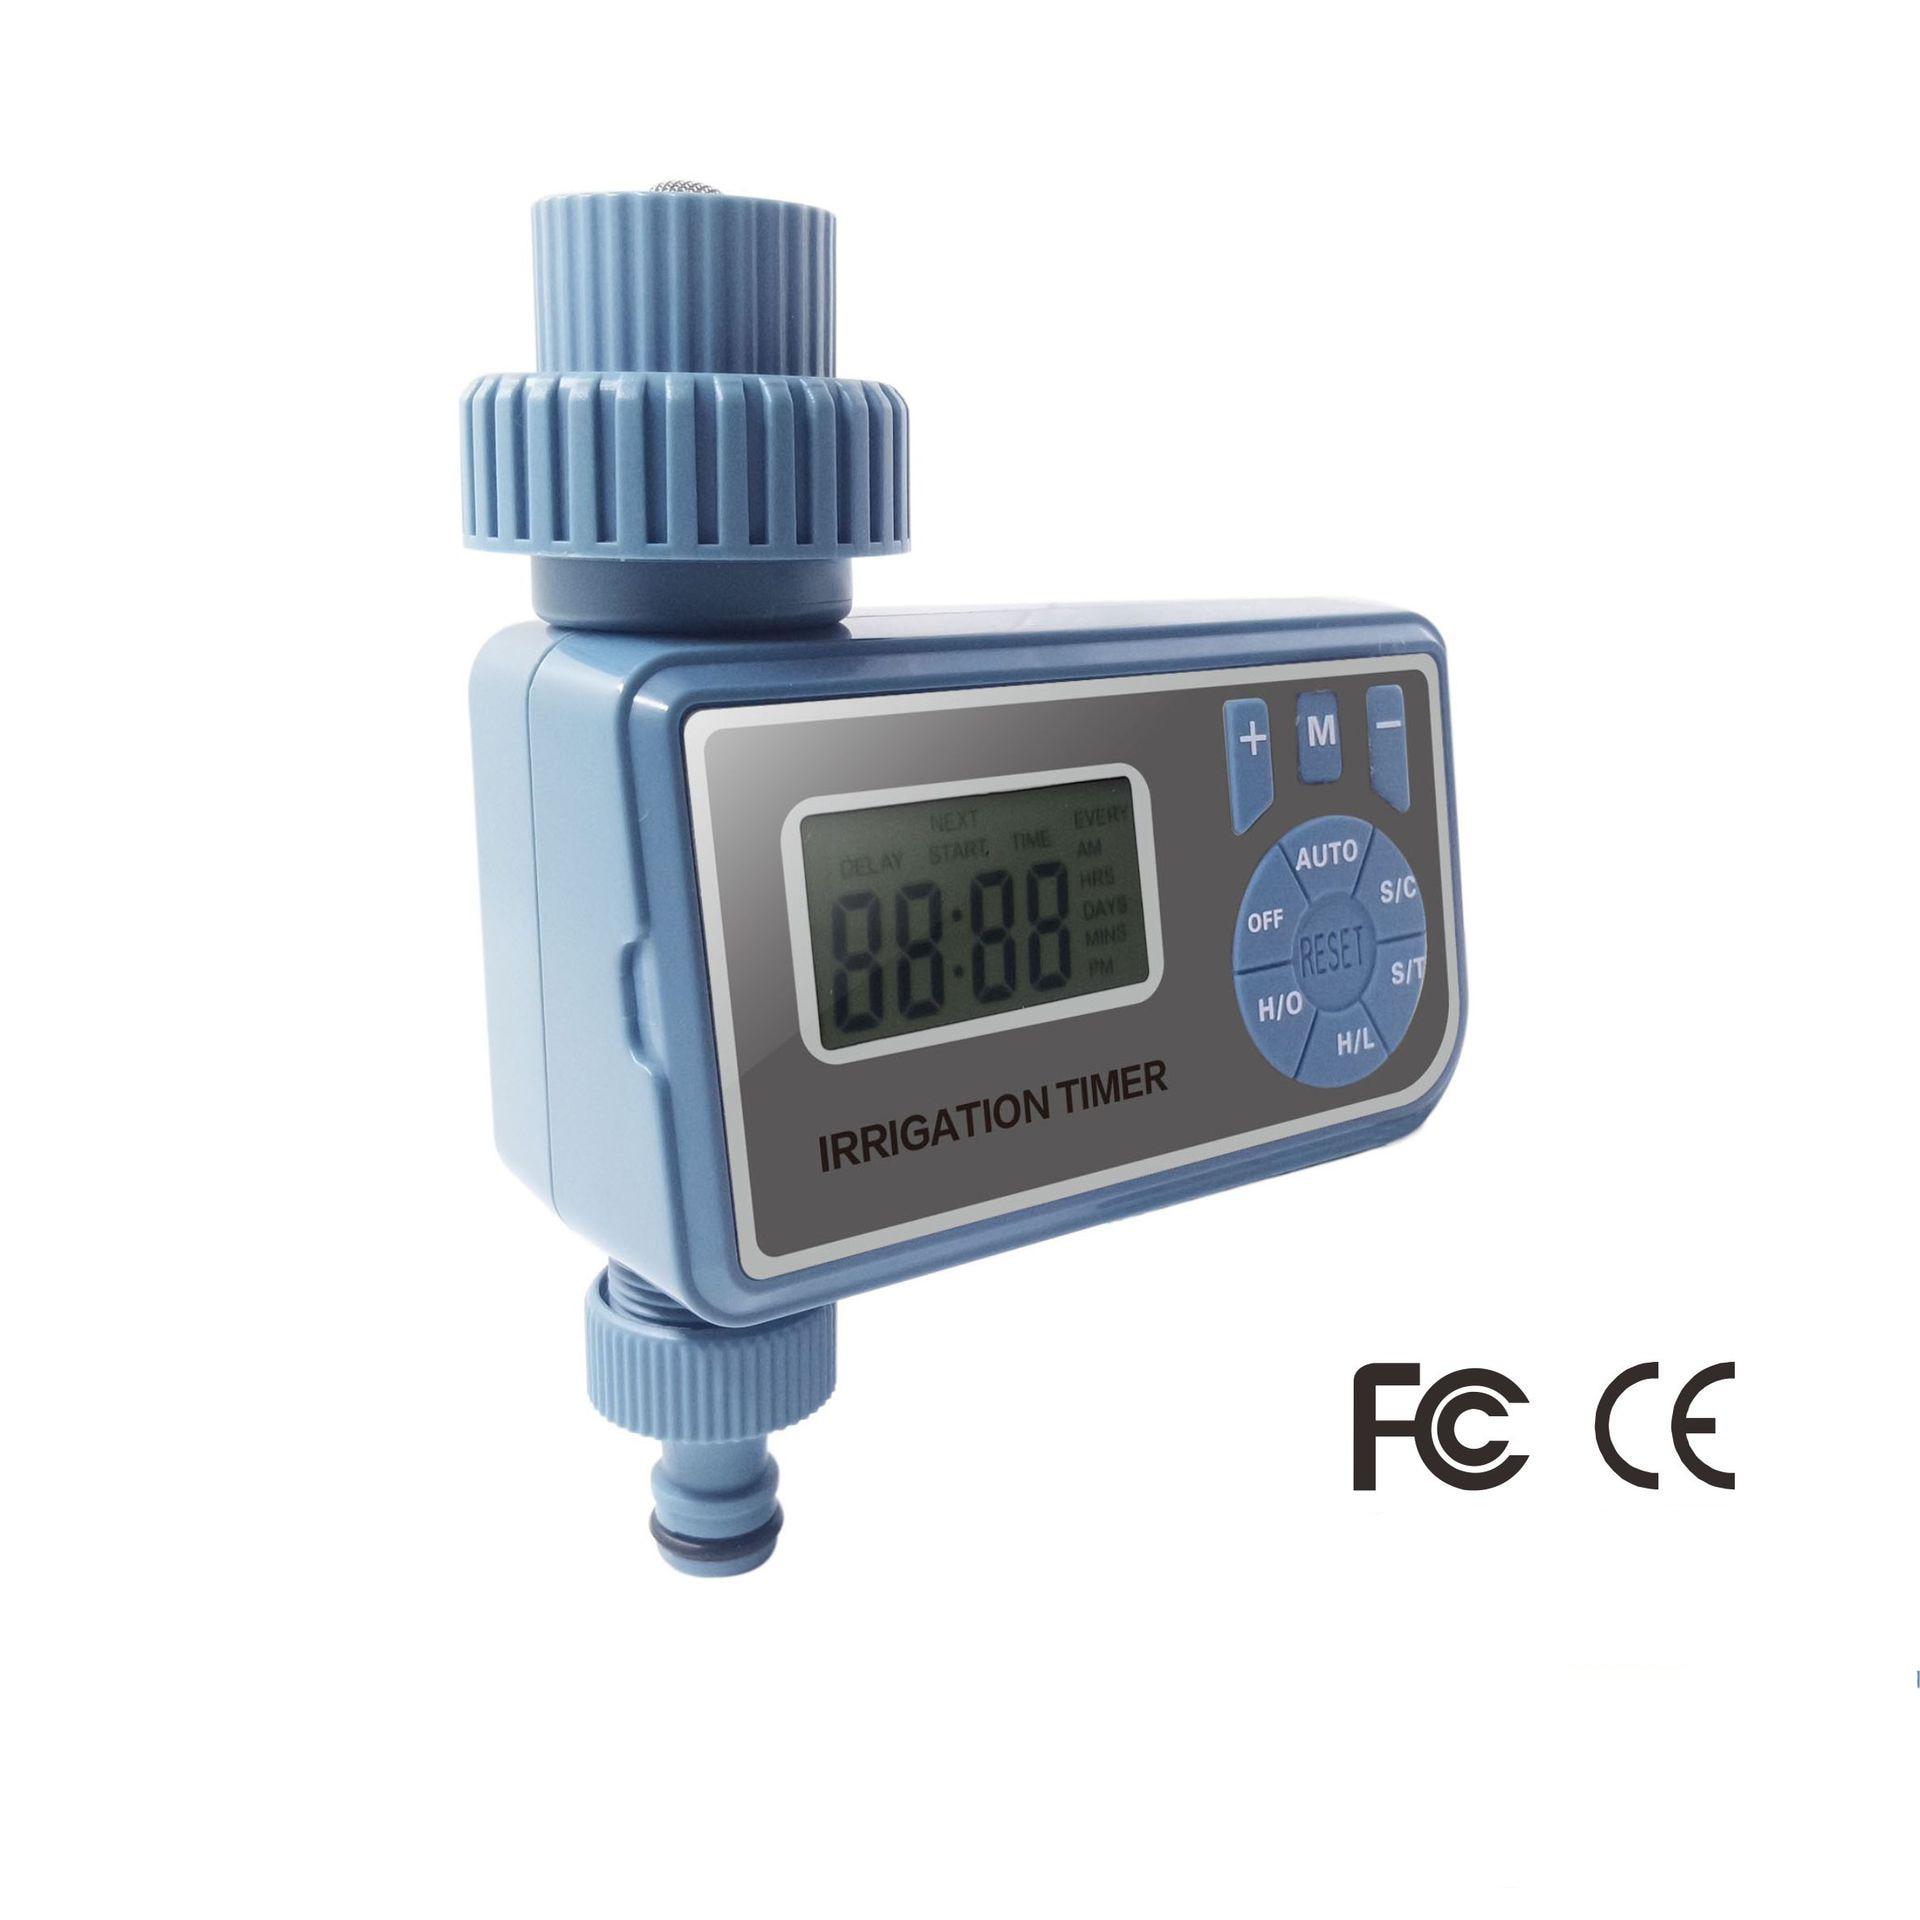 جهاز توقيت سقي آلي للحديقة الخضروات جهاز تحكم إلكتروني للري يستخدم في التكاثر وزراعة الشتلات